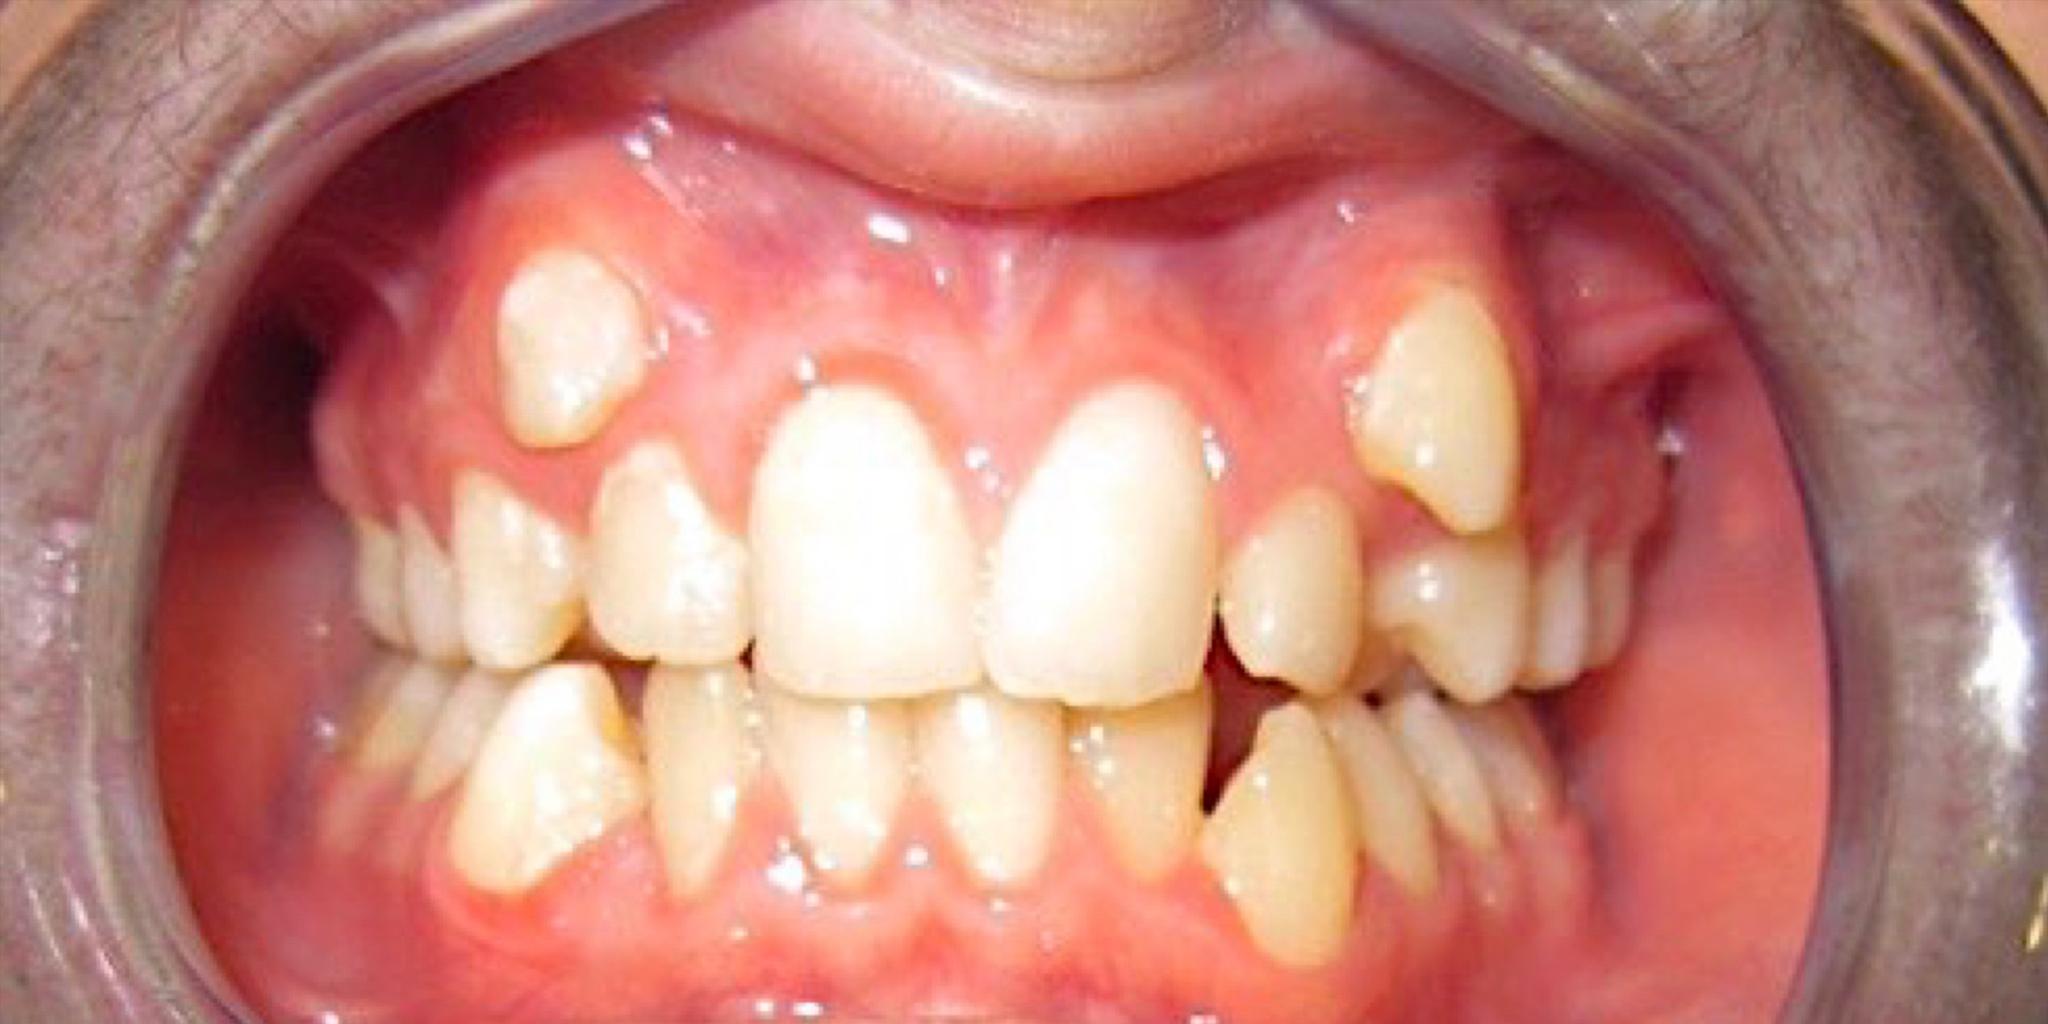 Before-Ortodontia